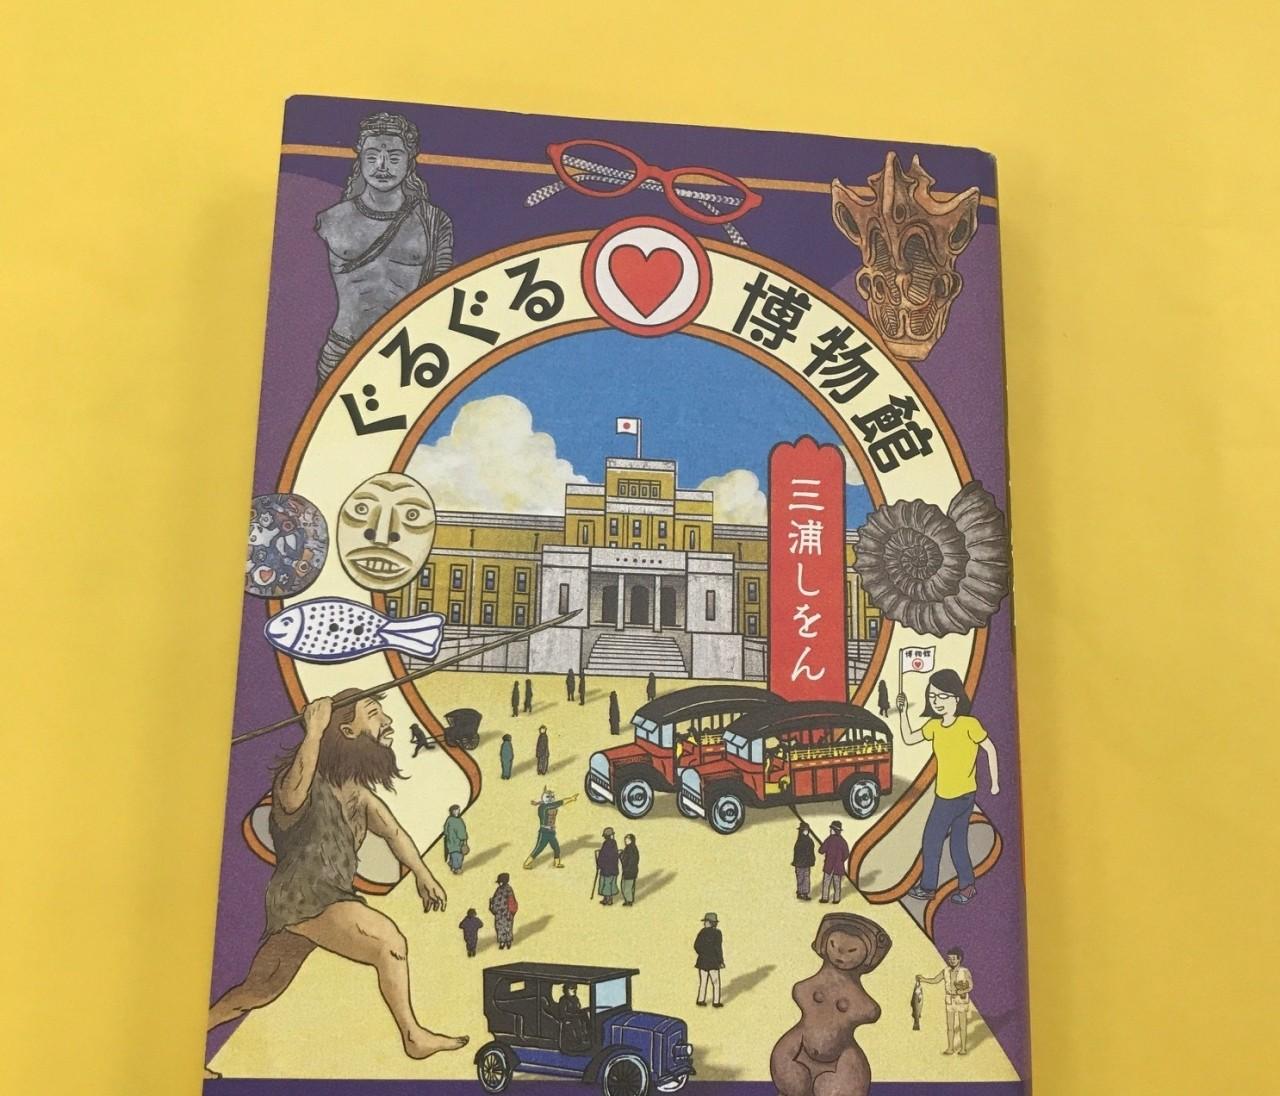 三浦しをんさんの新刊「ぐるぐる♡博物館」が面白すぎる!